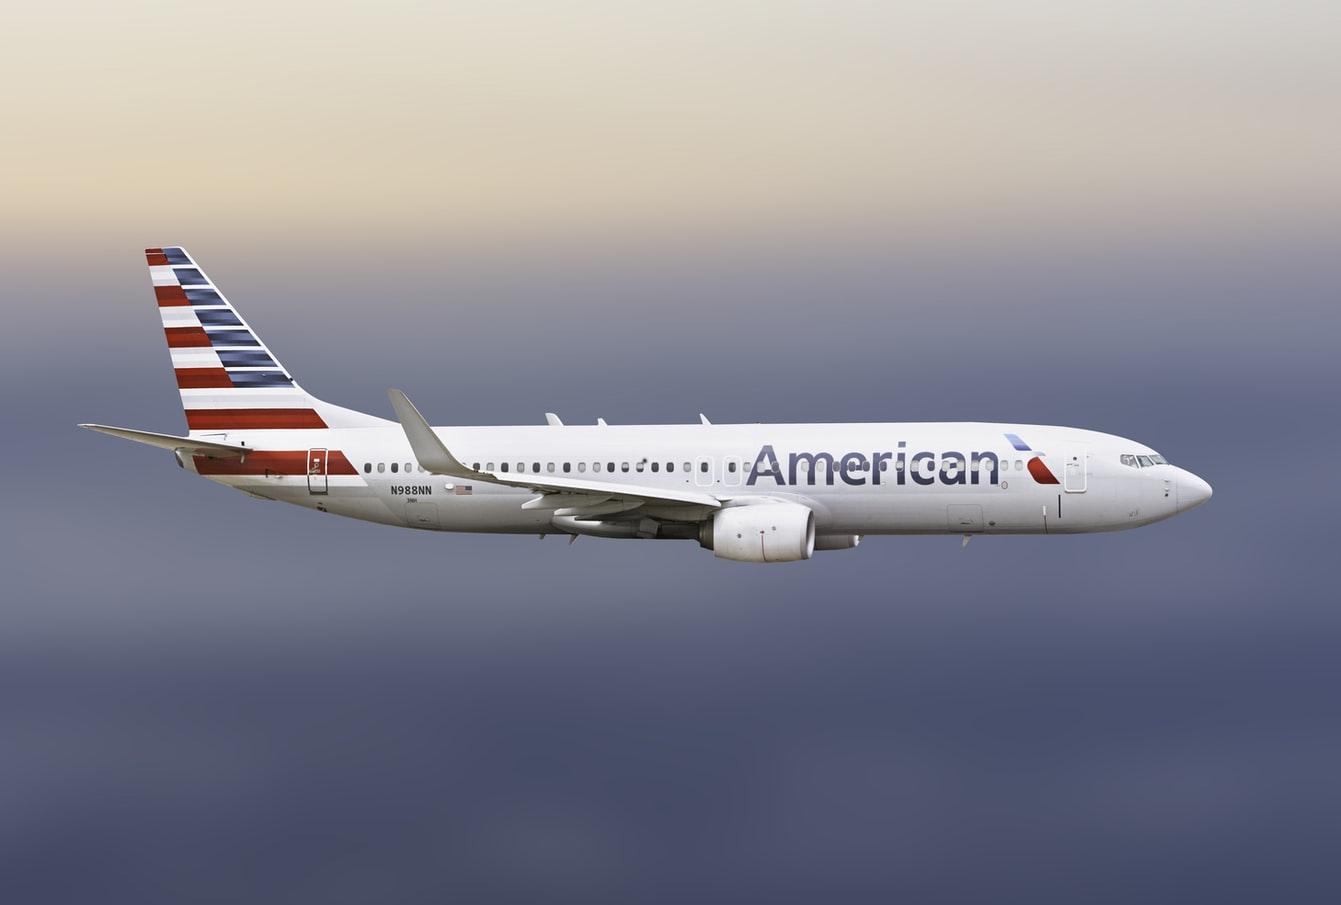 American Airlines chce zredukować zatrudnienie o 30%. Co z akcjami spółki?